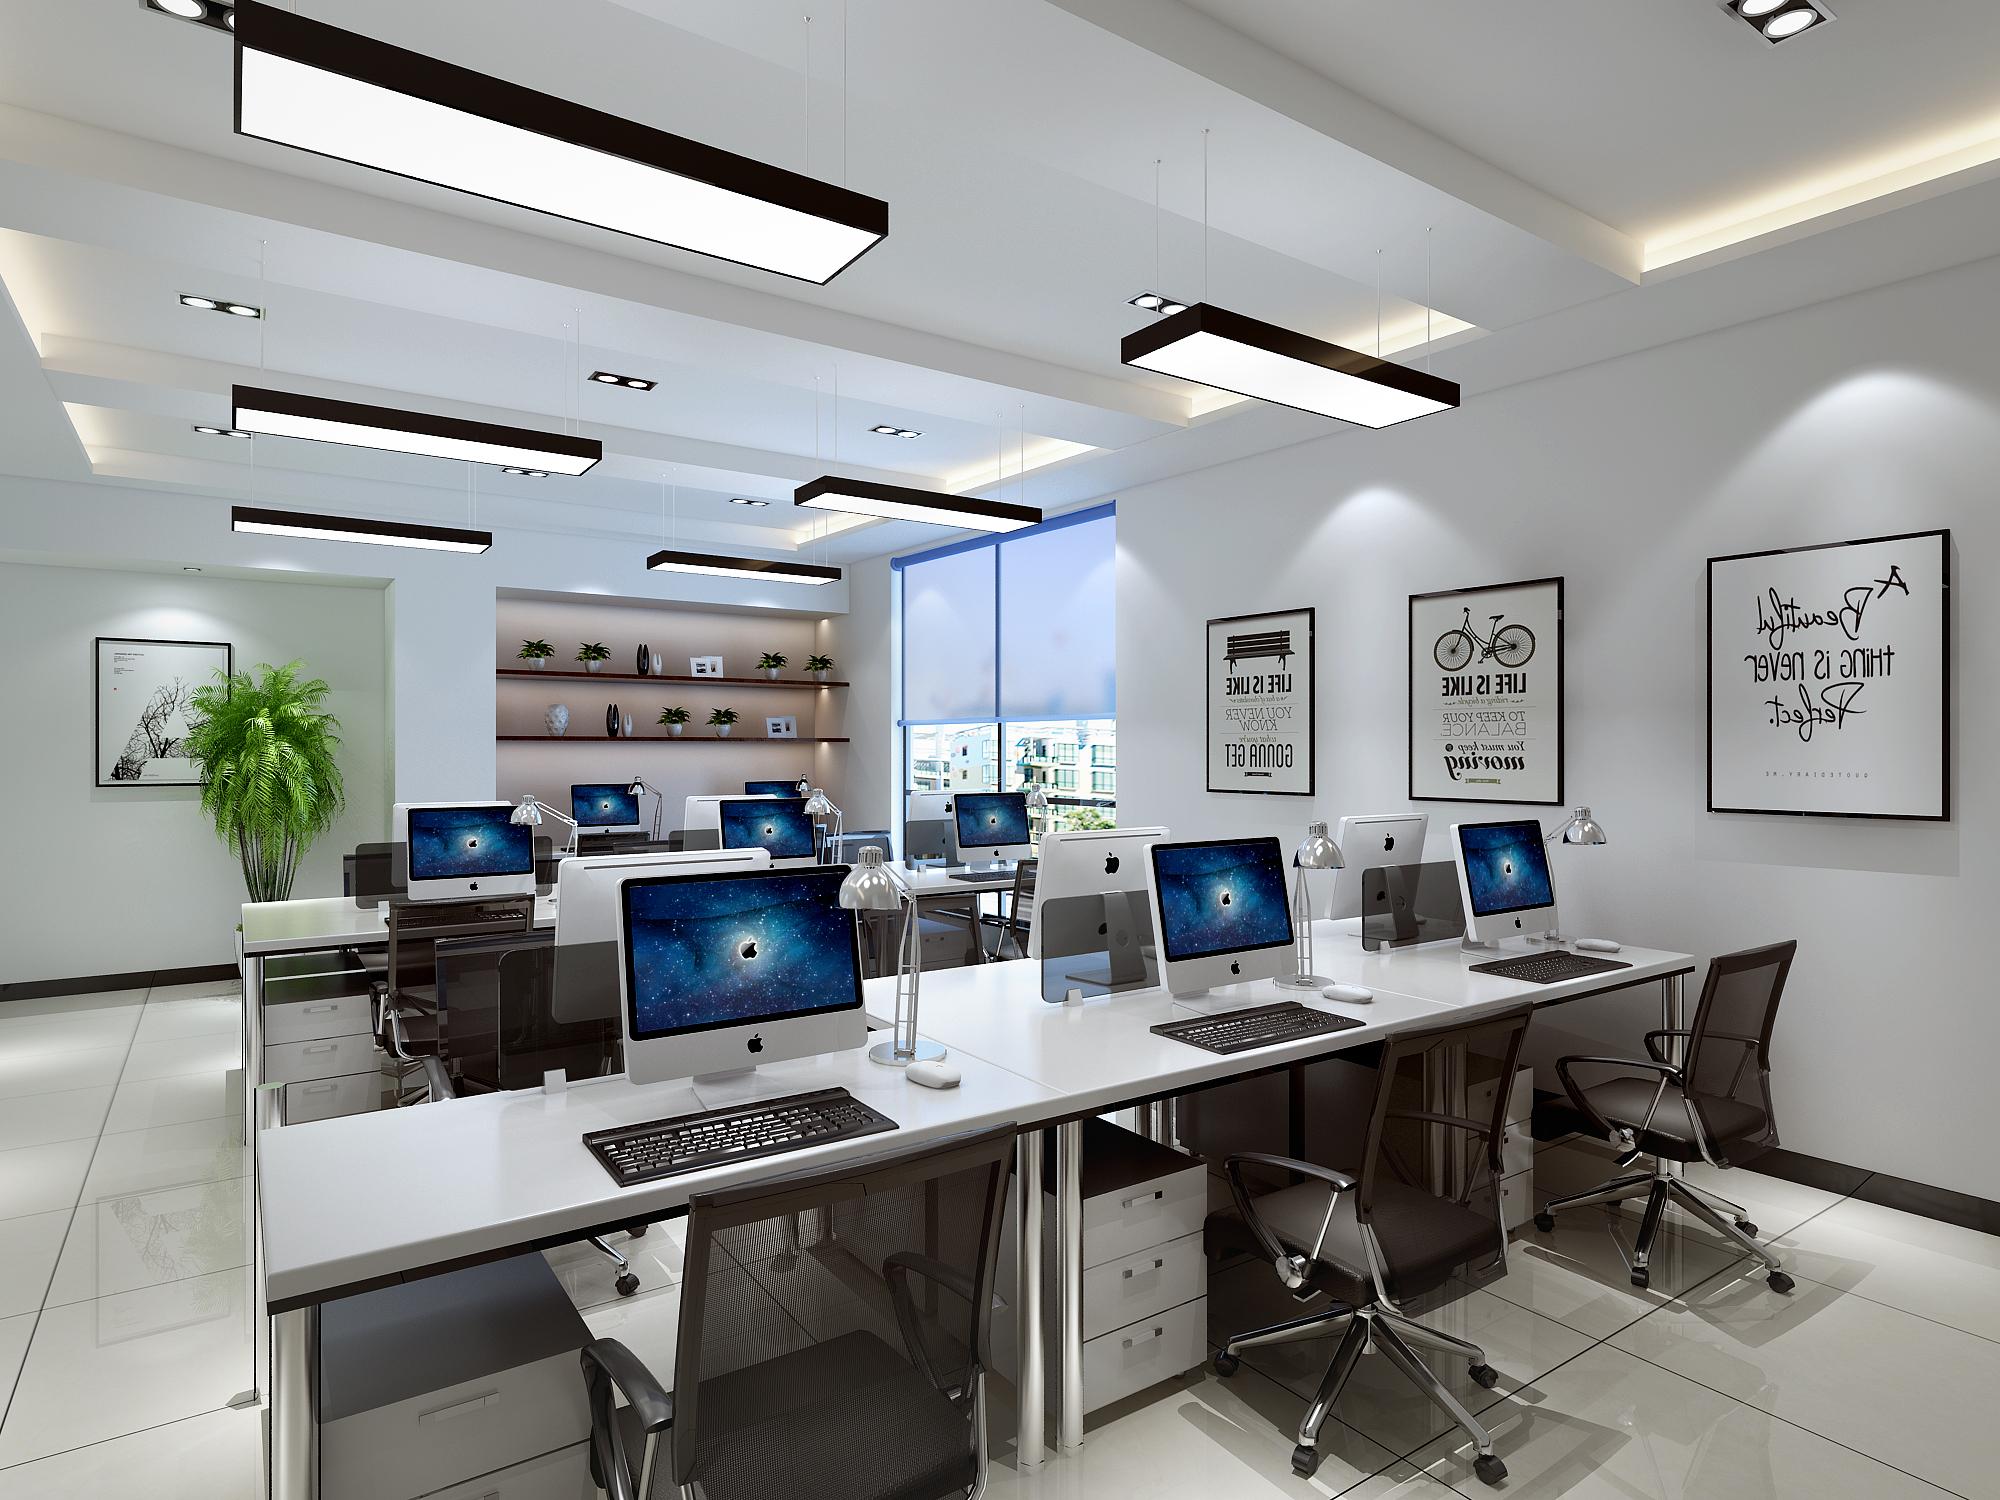 简约舒适的办公室装修效果图(五)